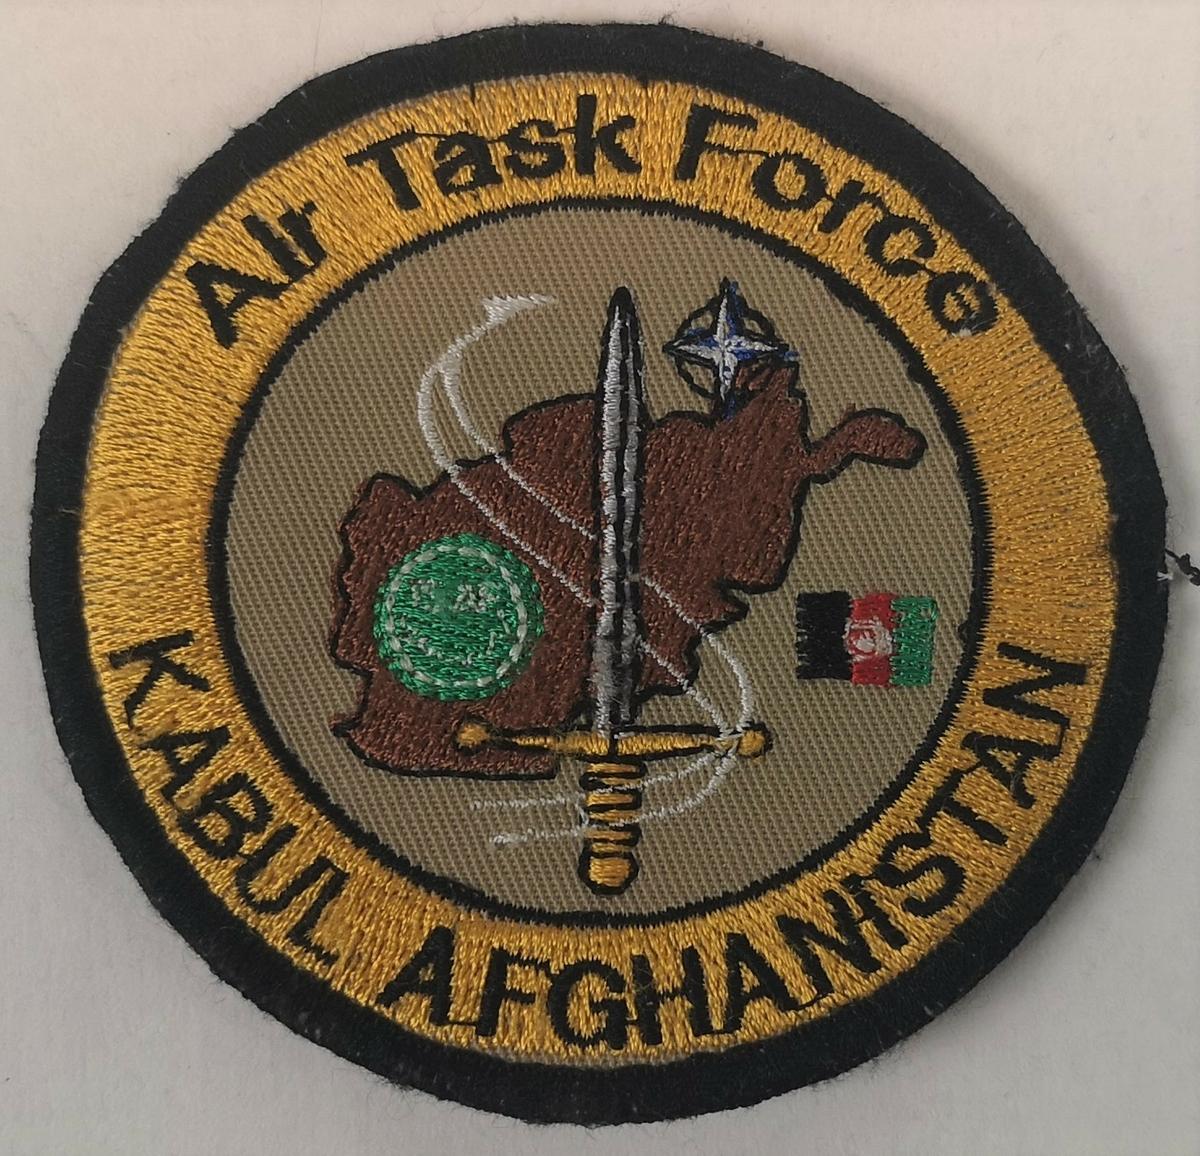 NATO og ISAF logo i sentrum, over kartutsnitt av Afghanistan.